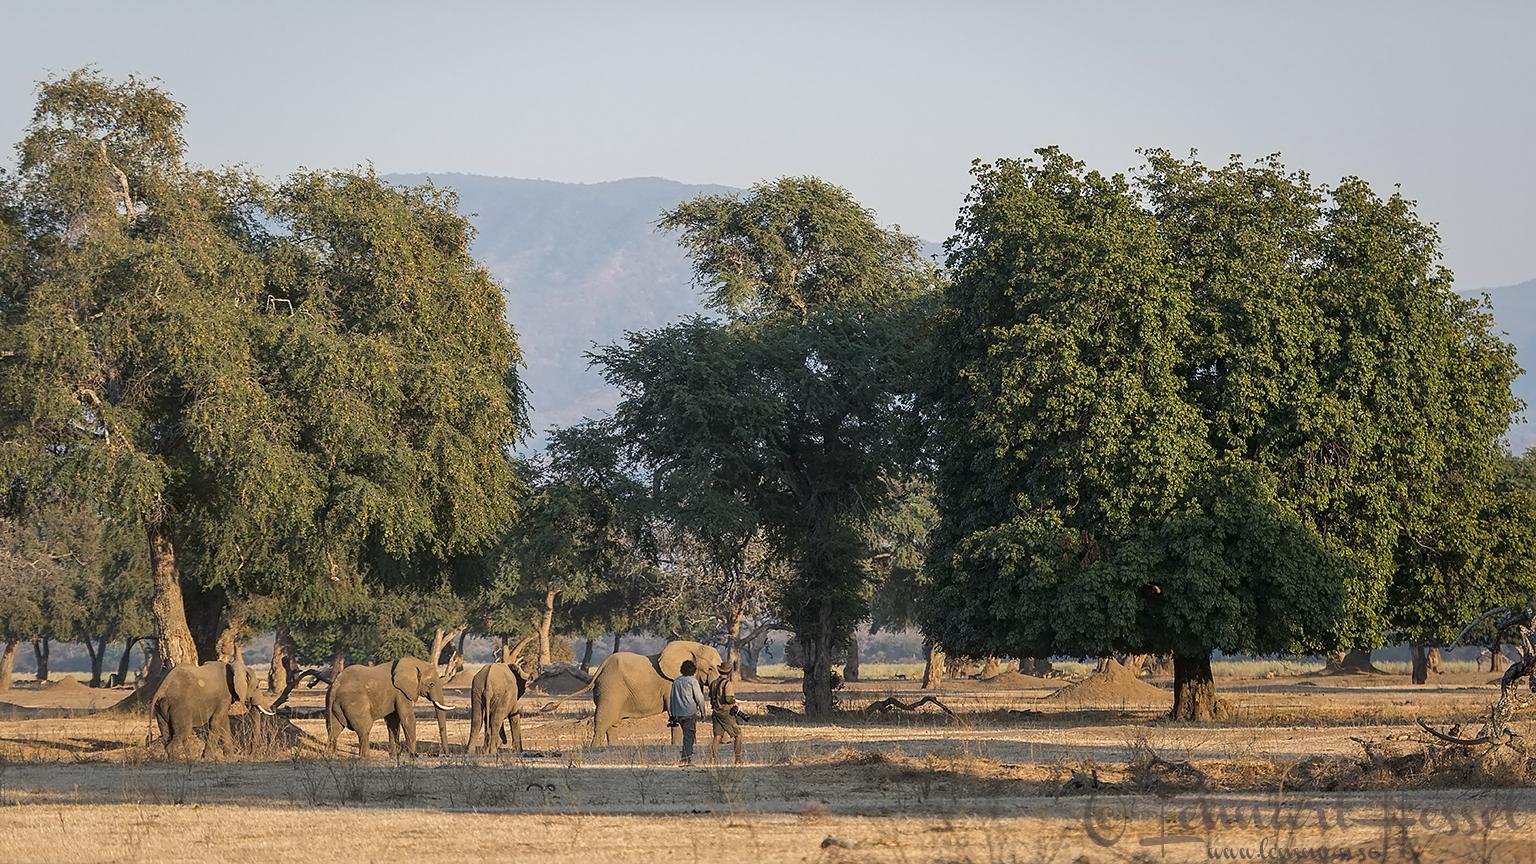 Walking with Elephants giants Mana Pools National Park, Zimbabwe